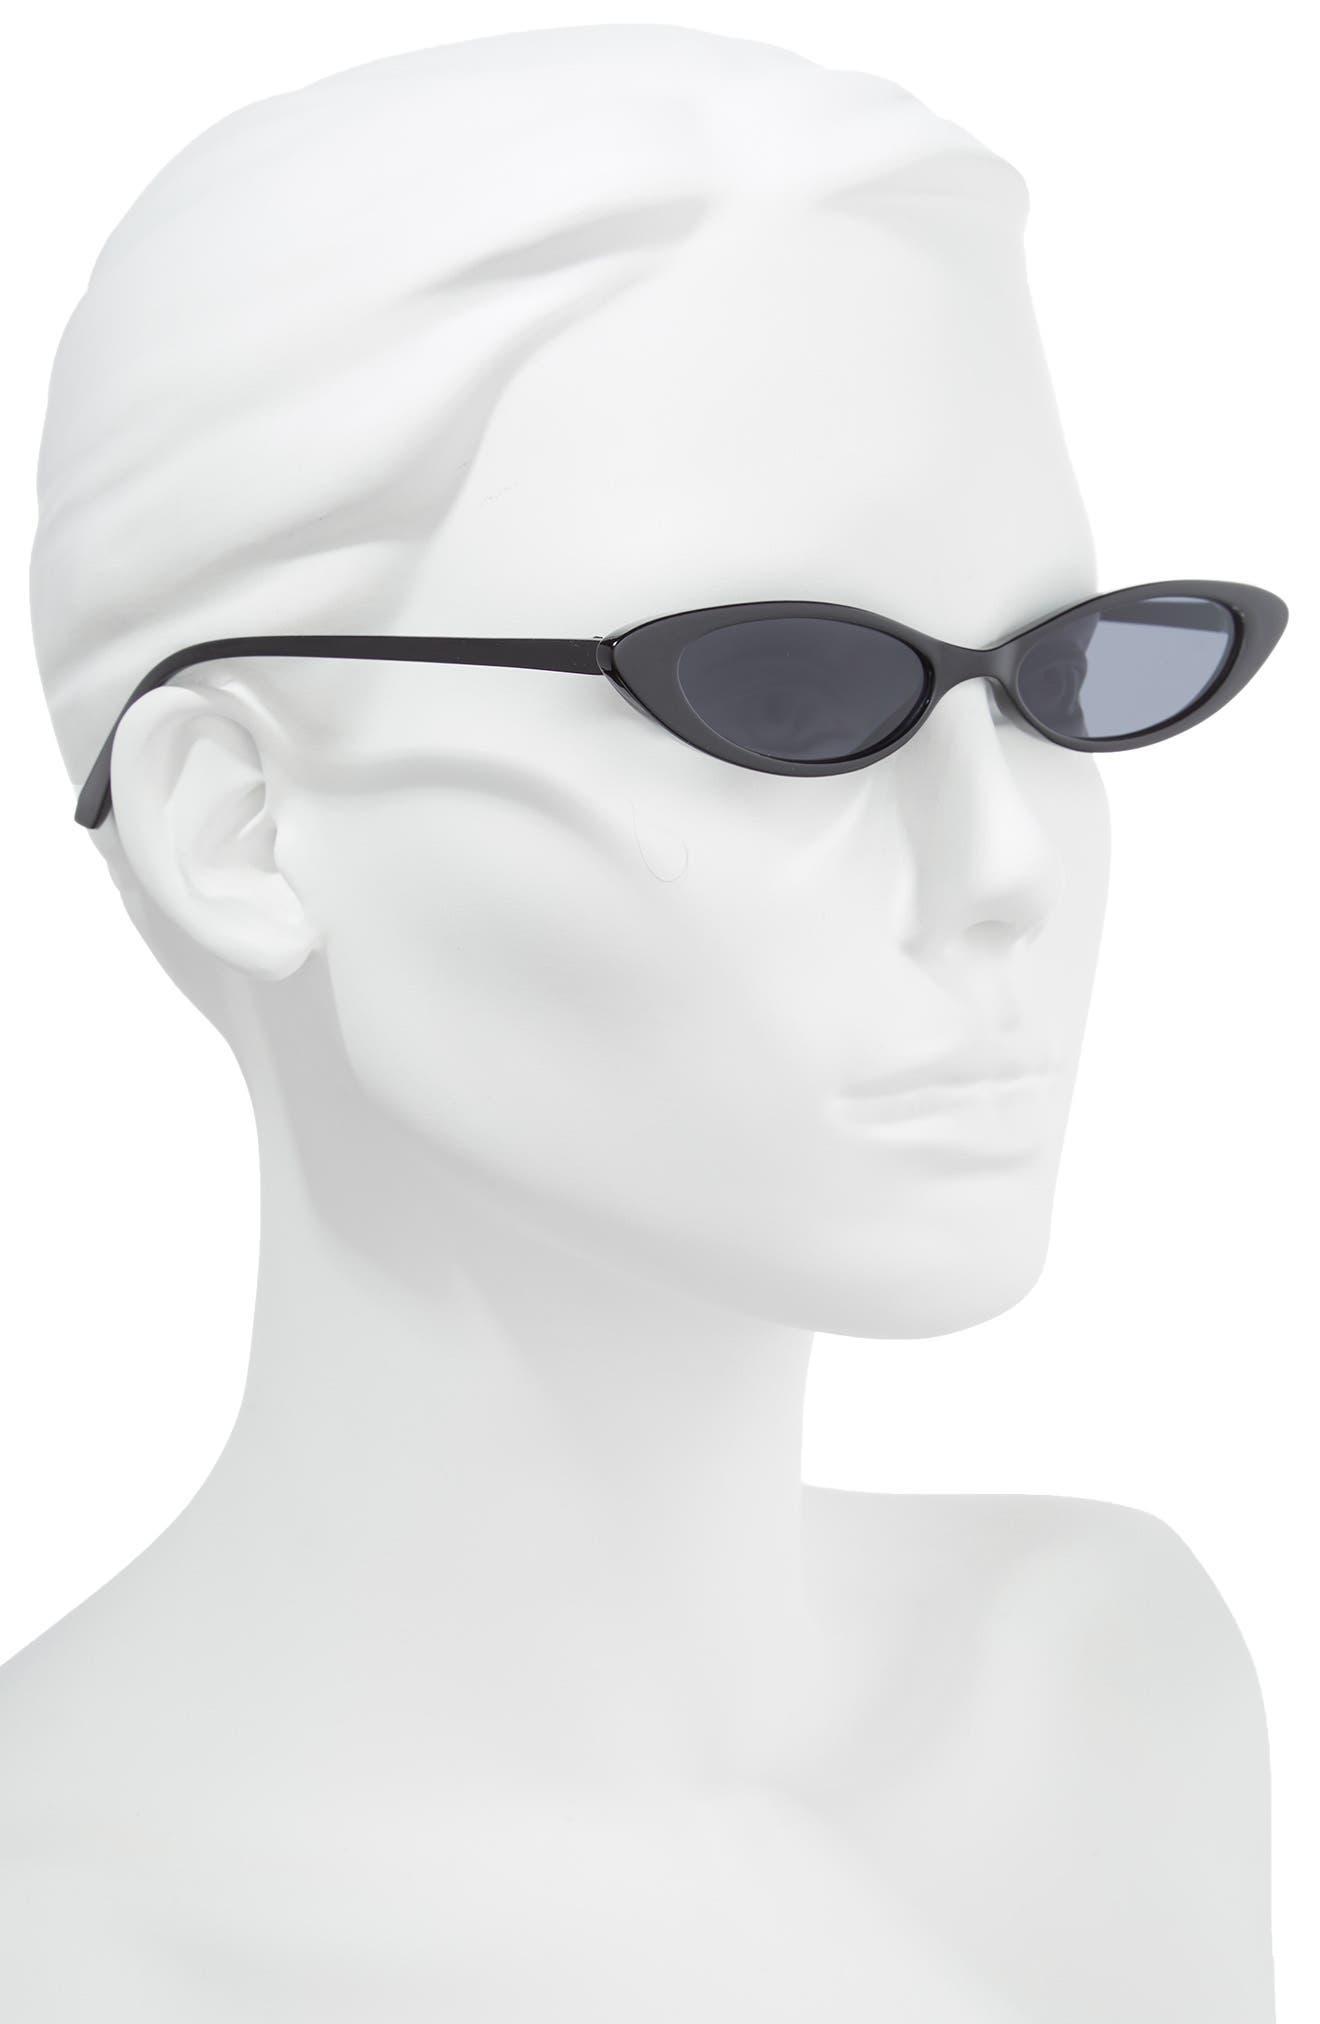 55mm Mini Cat Eye Sunglasses,                             Alternate thumbnail 2, color,                             BLACK